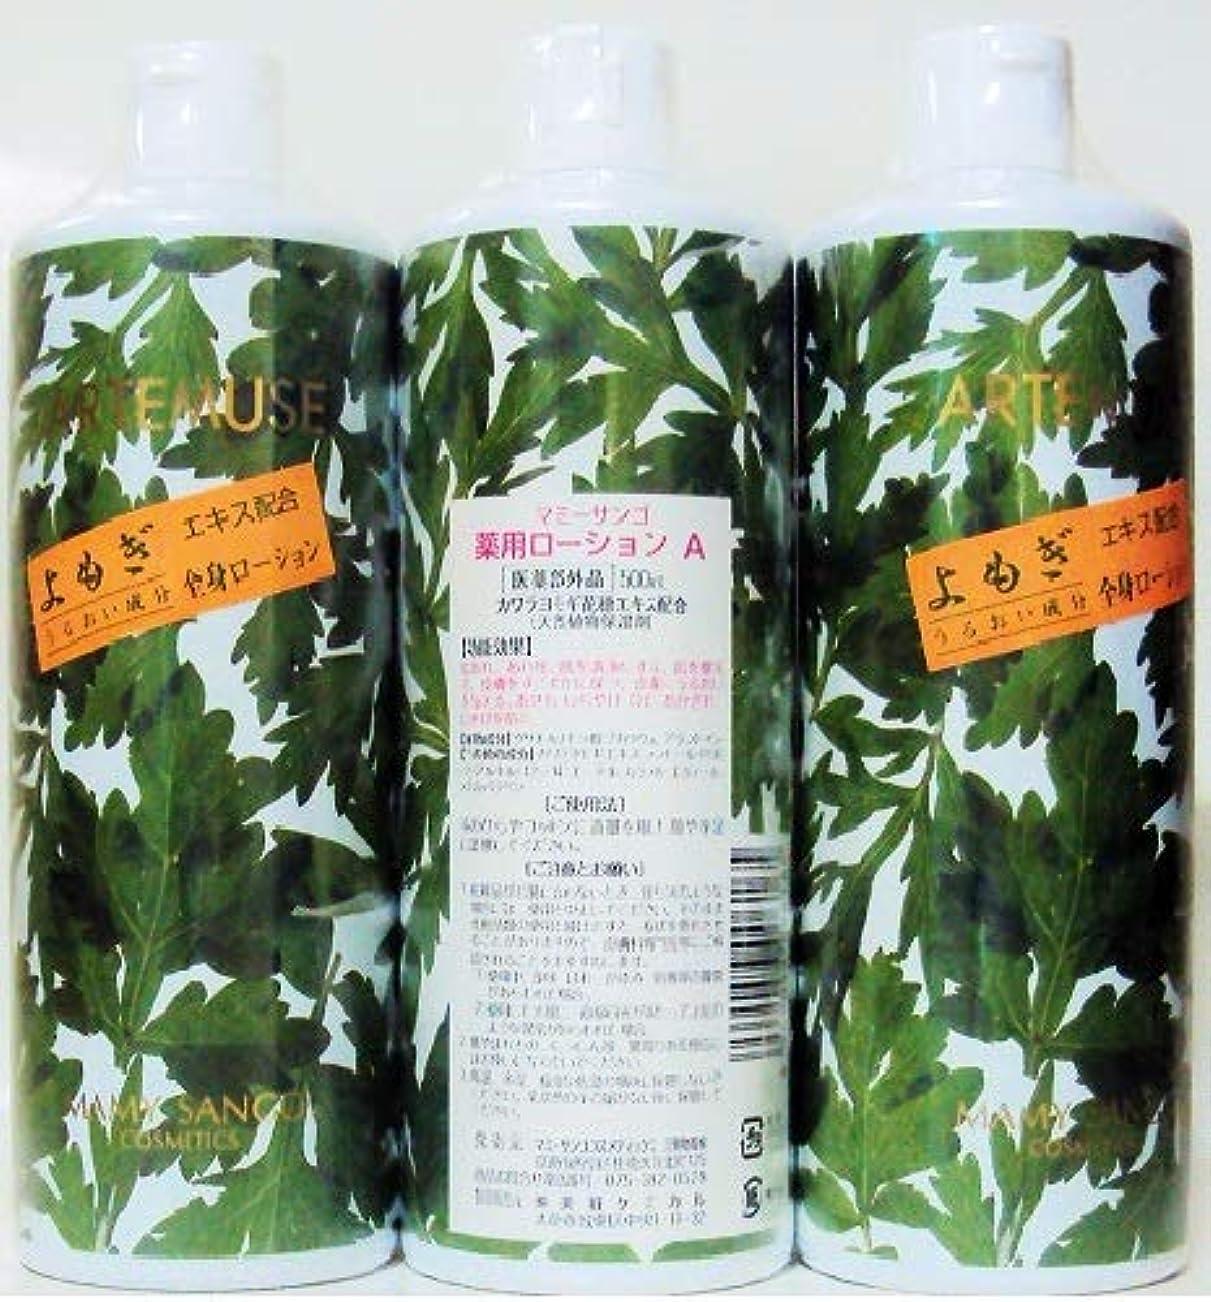 カブ攻撃影響するマミーサンゴ薬用ローショーン500ml(3本セット価額)